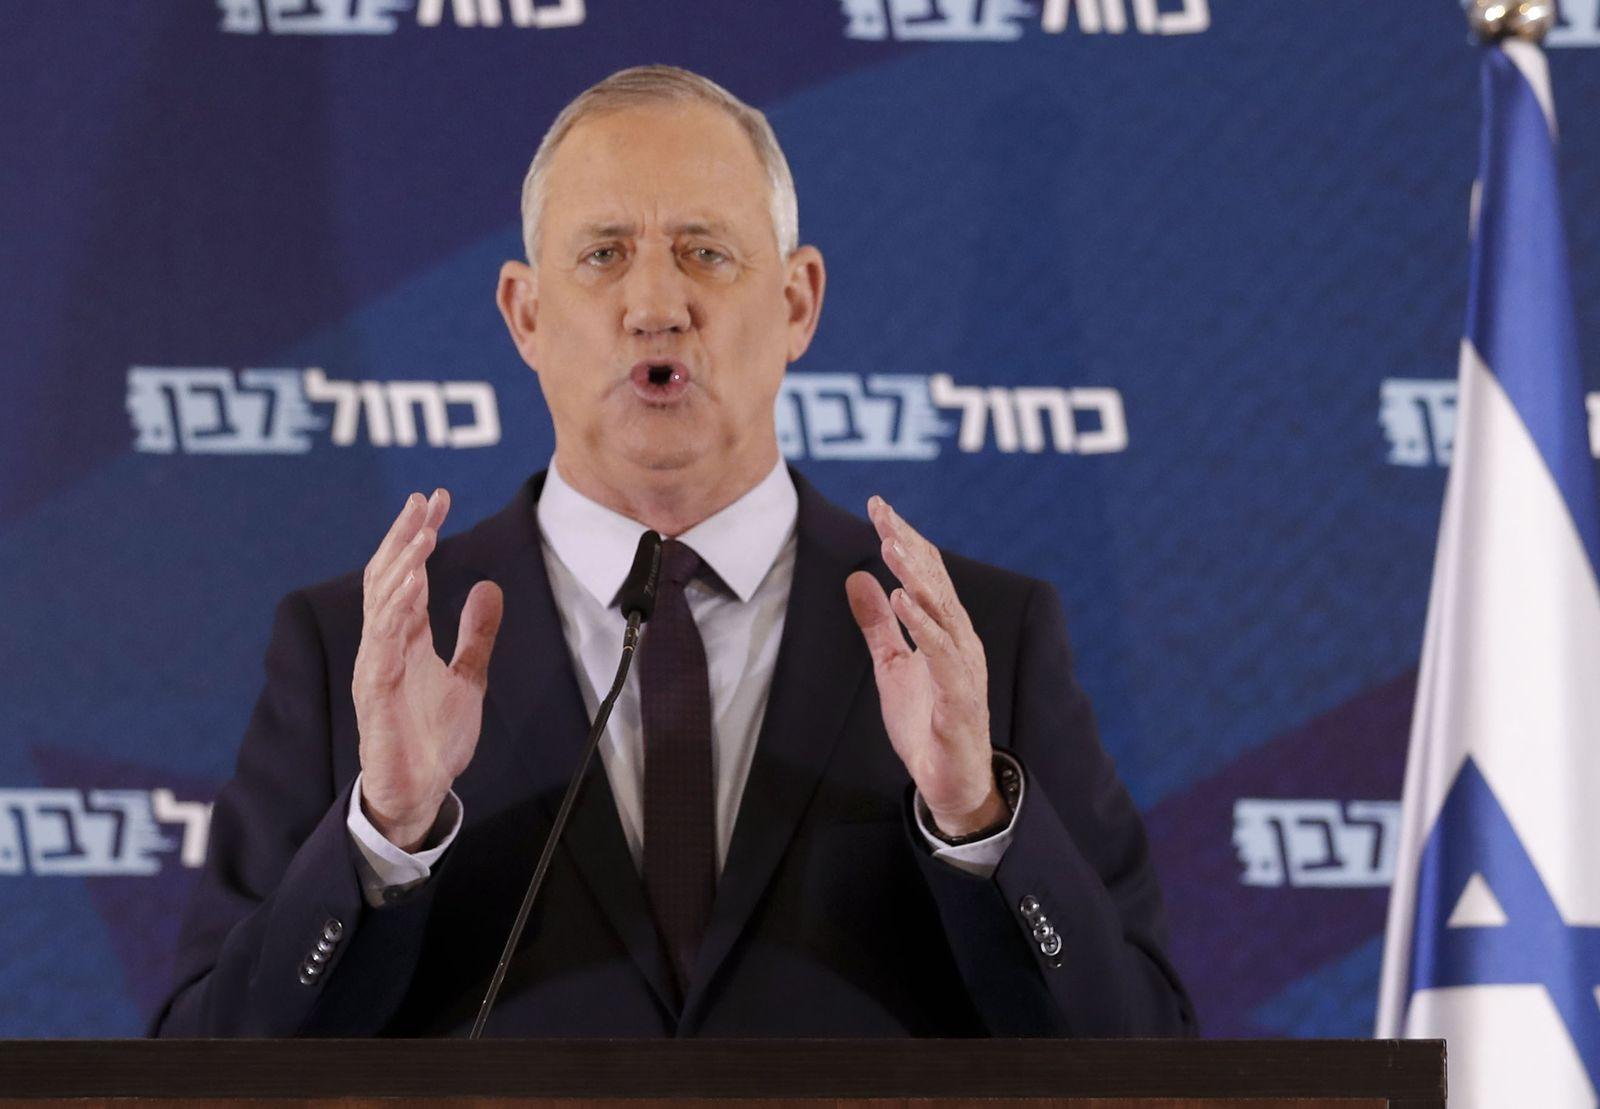 FILES-ISRAEL-PARLIAMENT-POLITICS